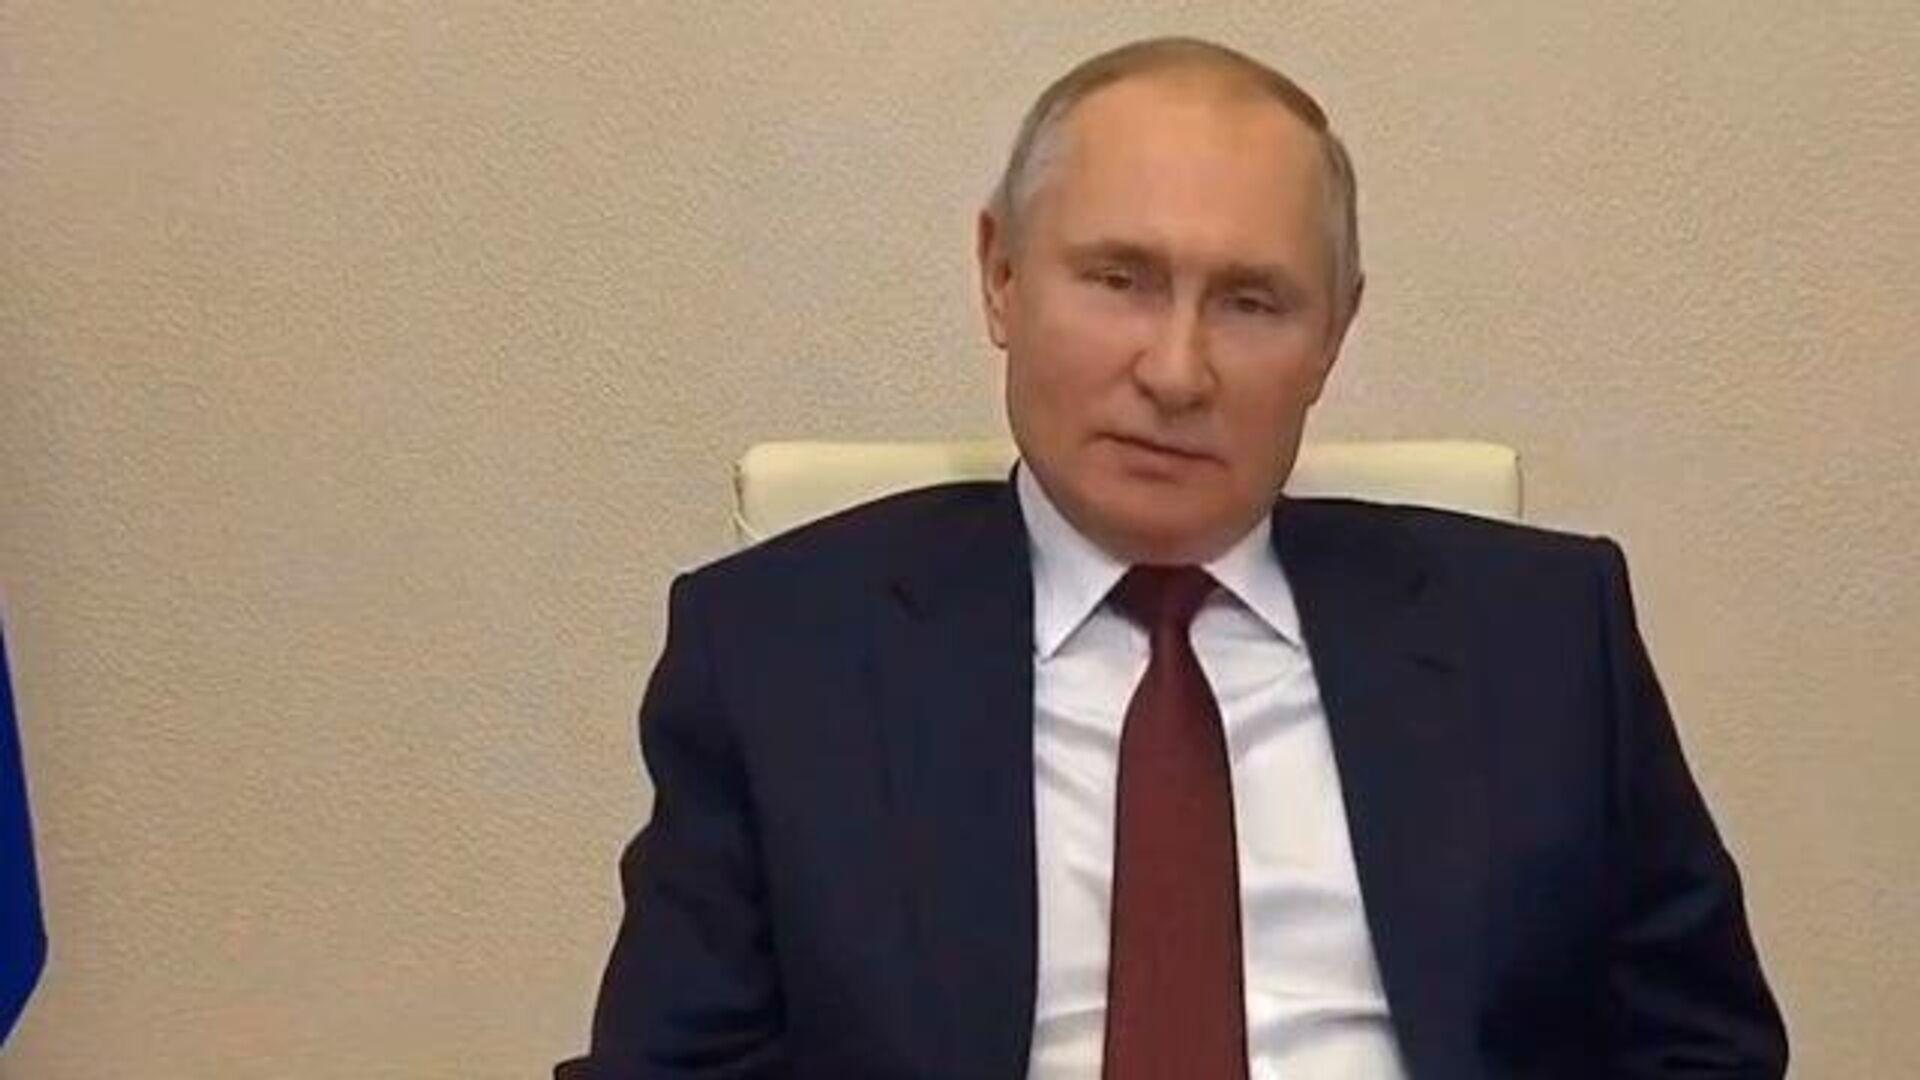 Где деньги, Зин? – Путин поручил разобраться с зарплатами ученых - РИА Новости, 1920, 08.02.2021